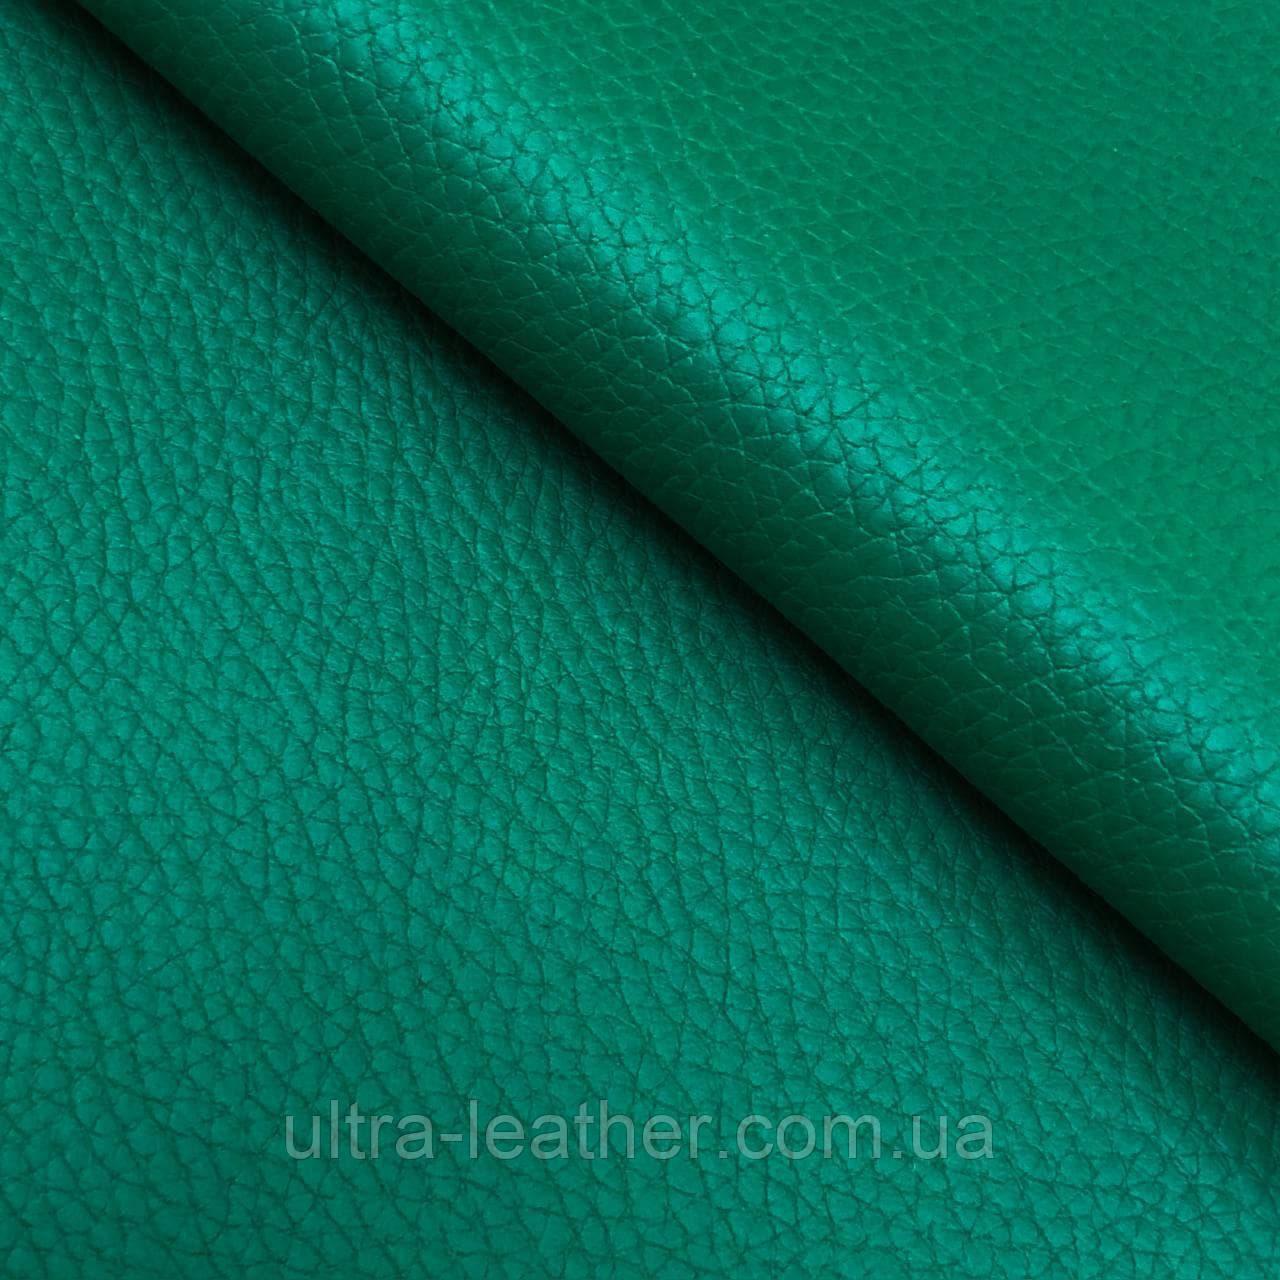 Натуральна шкіра галантерейна ФЛЕШ, Зелений, Pantone 18-6030